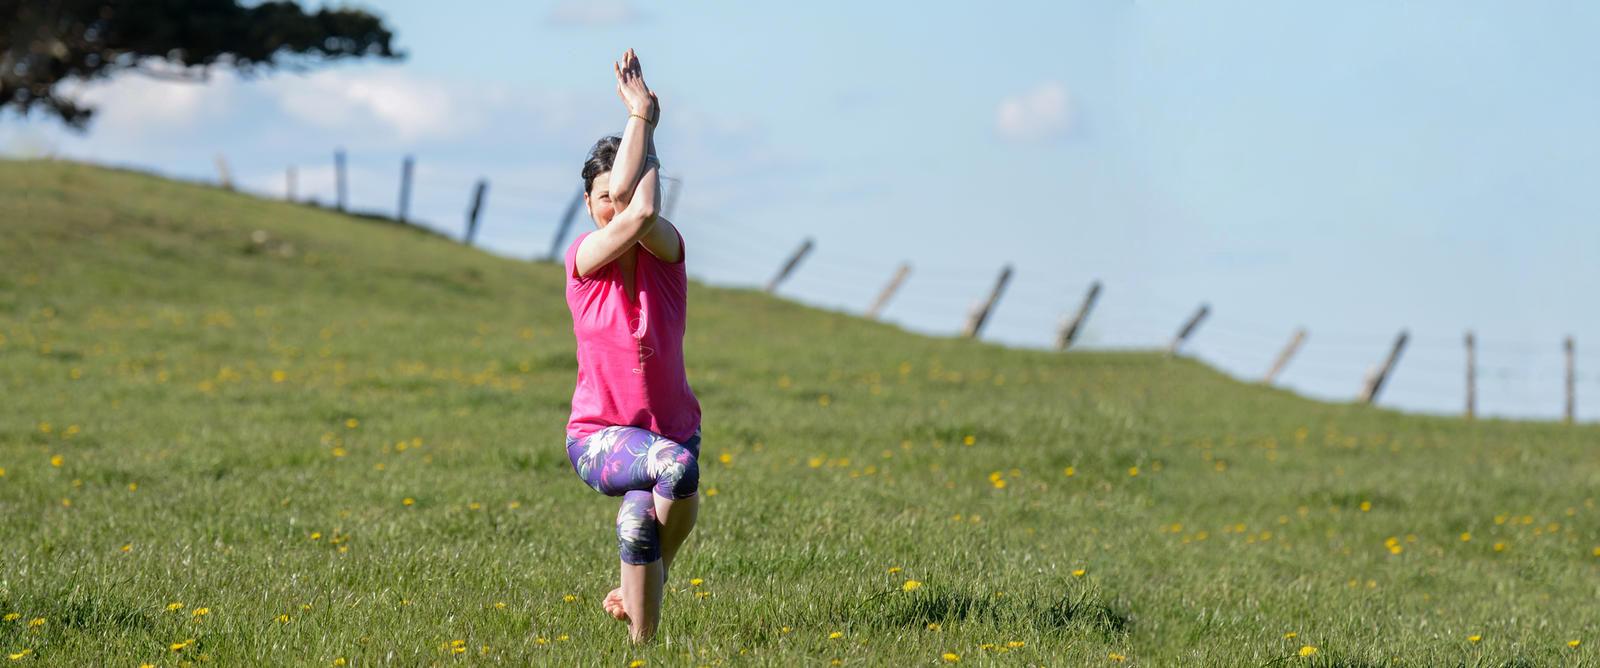 posture-viva-yoga-slider3-v3